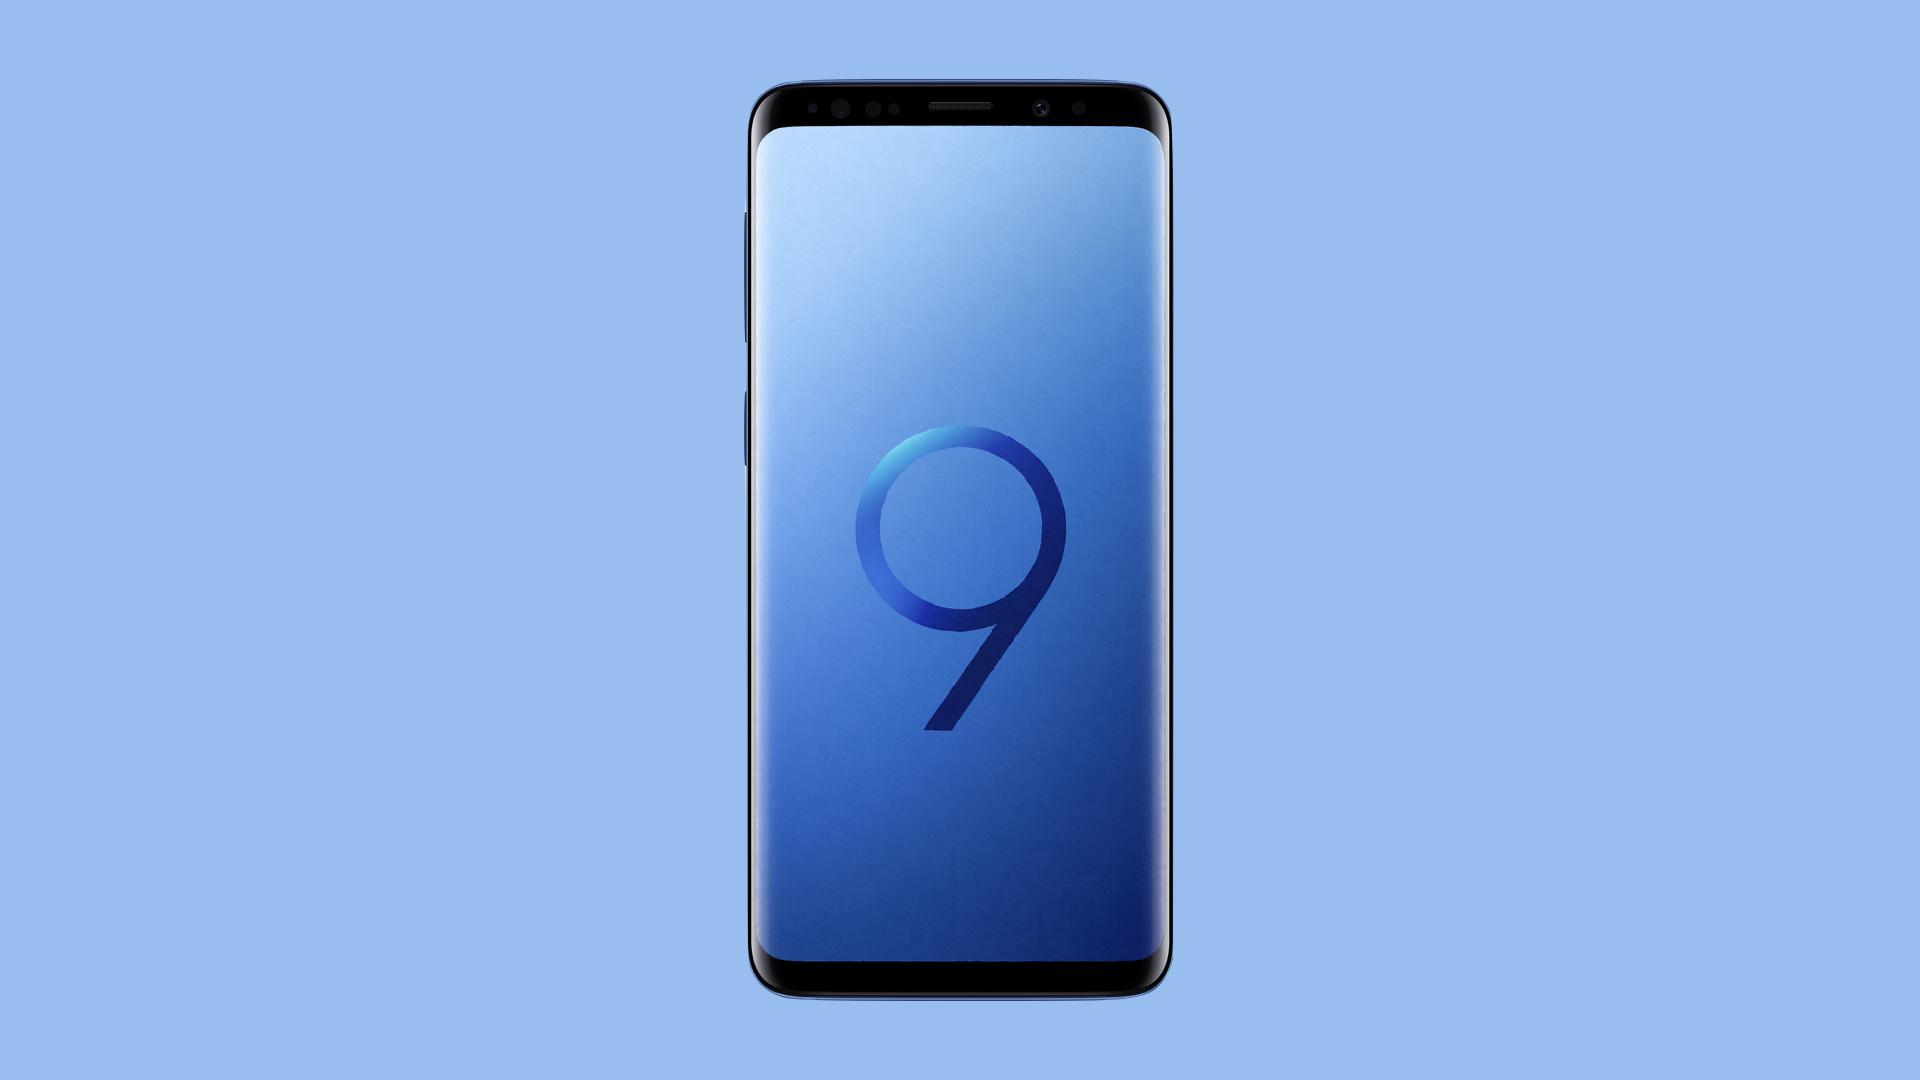 Samsung annonce le Galaxy S9 : caractéristiques, prix et date de sortie